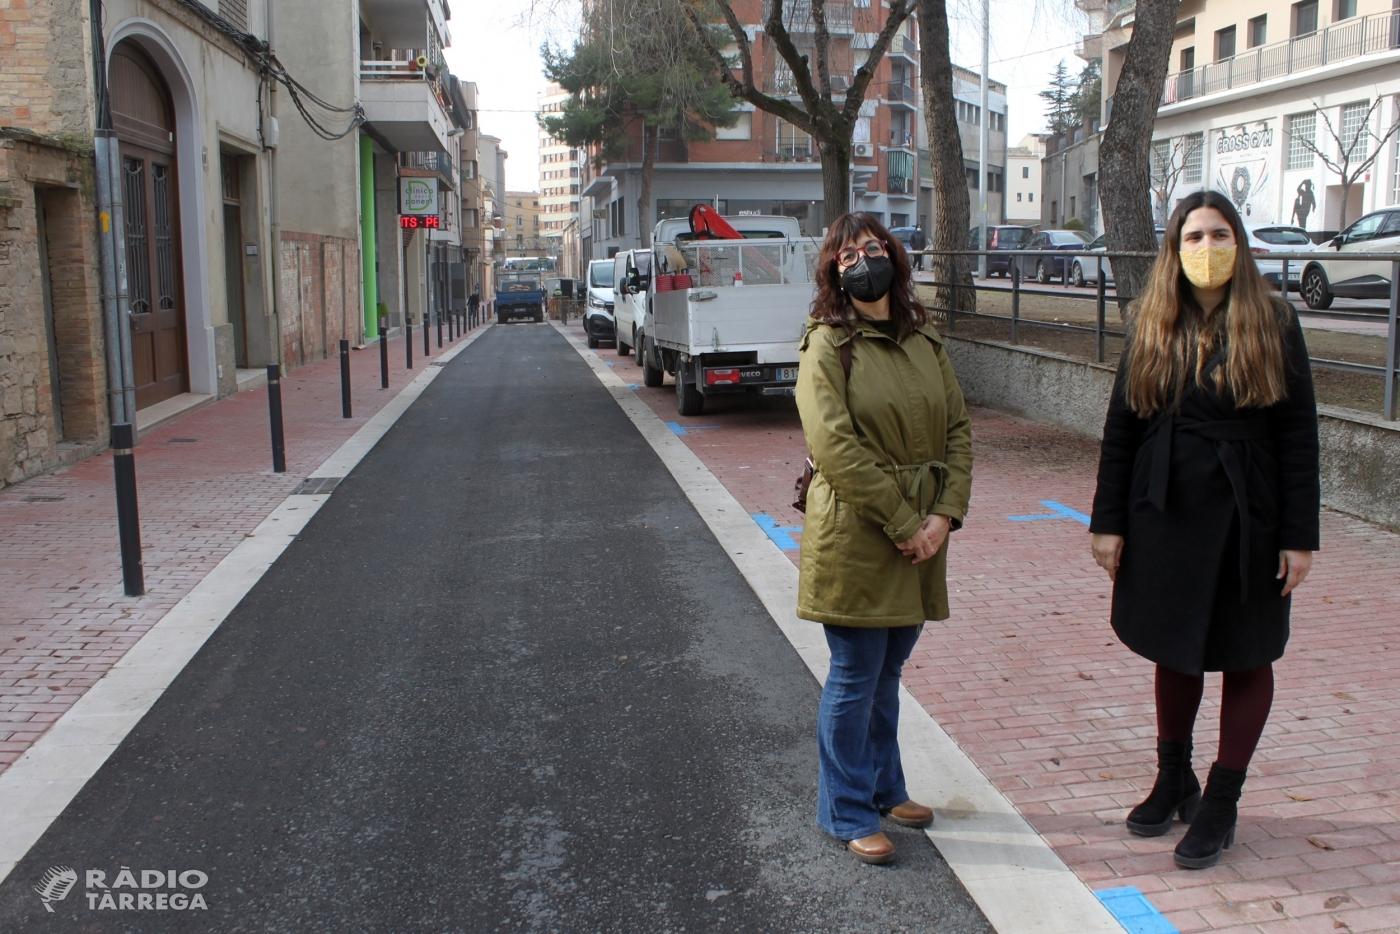 Tàrrega finalitza les obres de renovació del carrer de Jacint Verdaguer, que es reobre al trànsit demà dimarts 22 de desembre